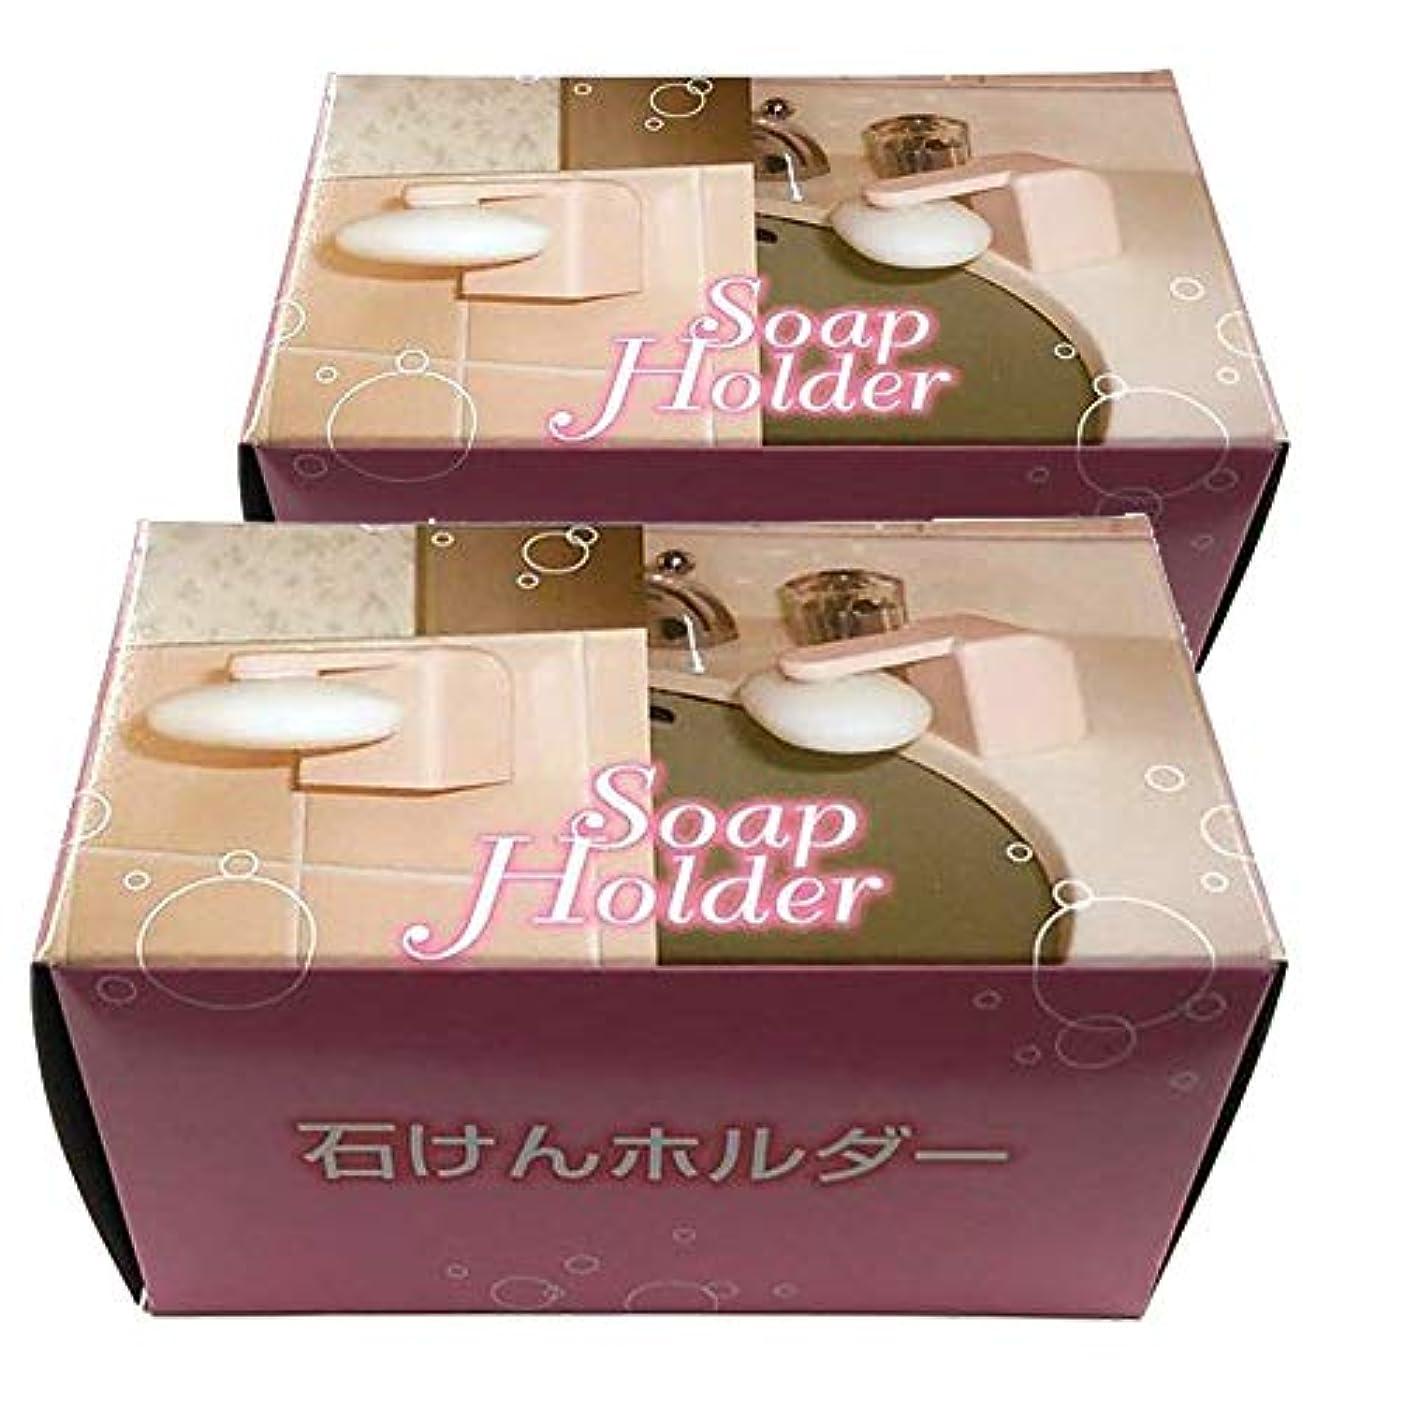 リクルートアイデア古くなったマグネット石けんホルダー(2個セット) 石鹸が溶けないホルダー